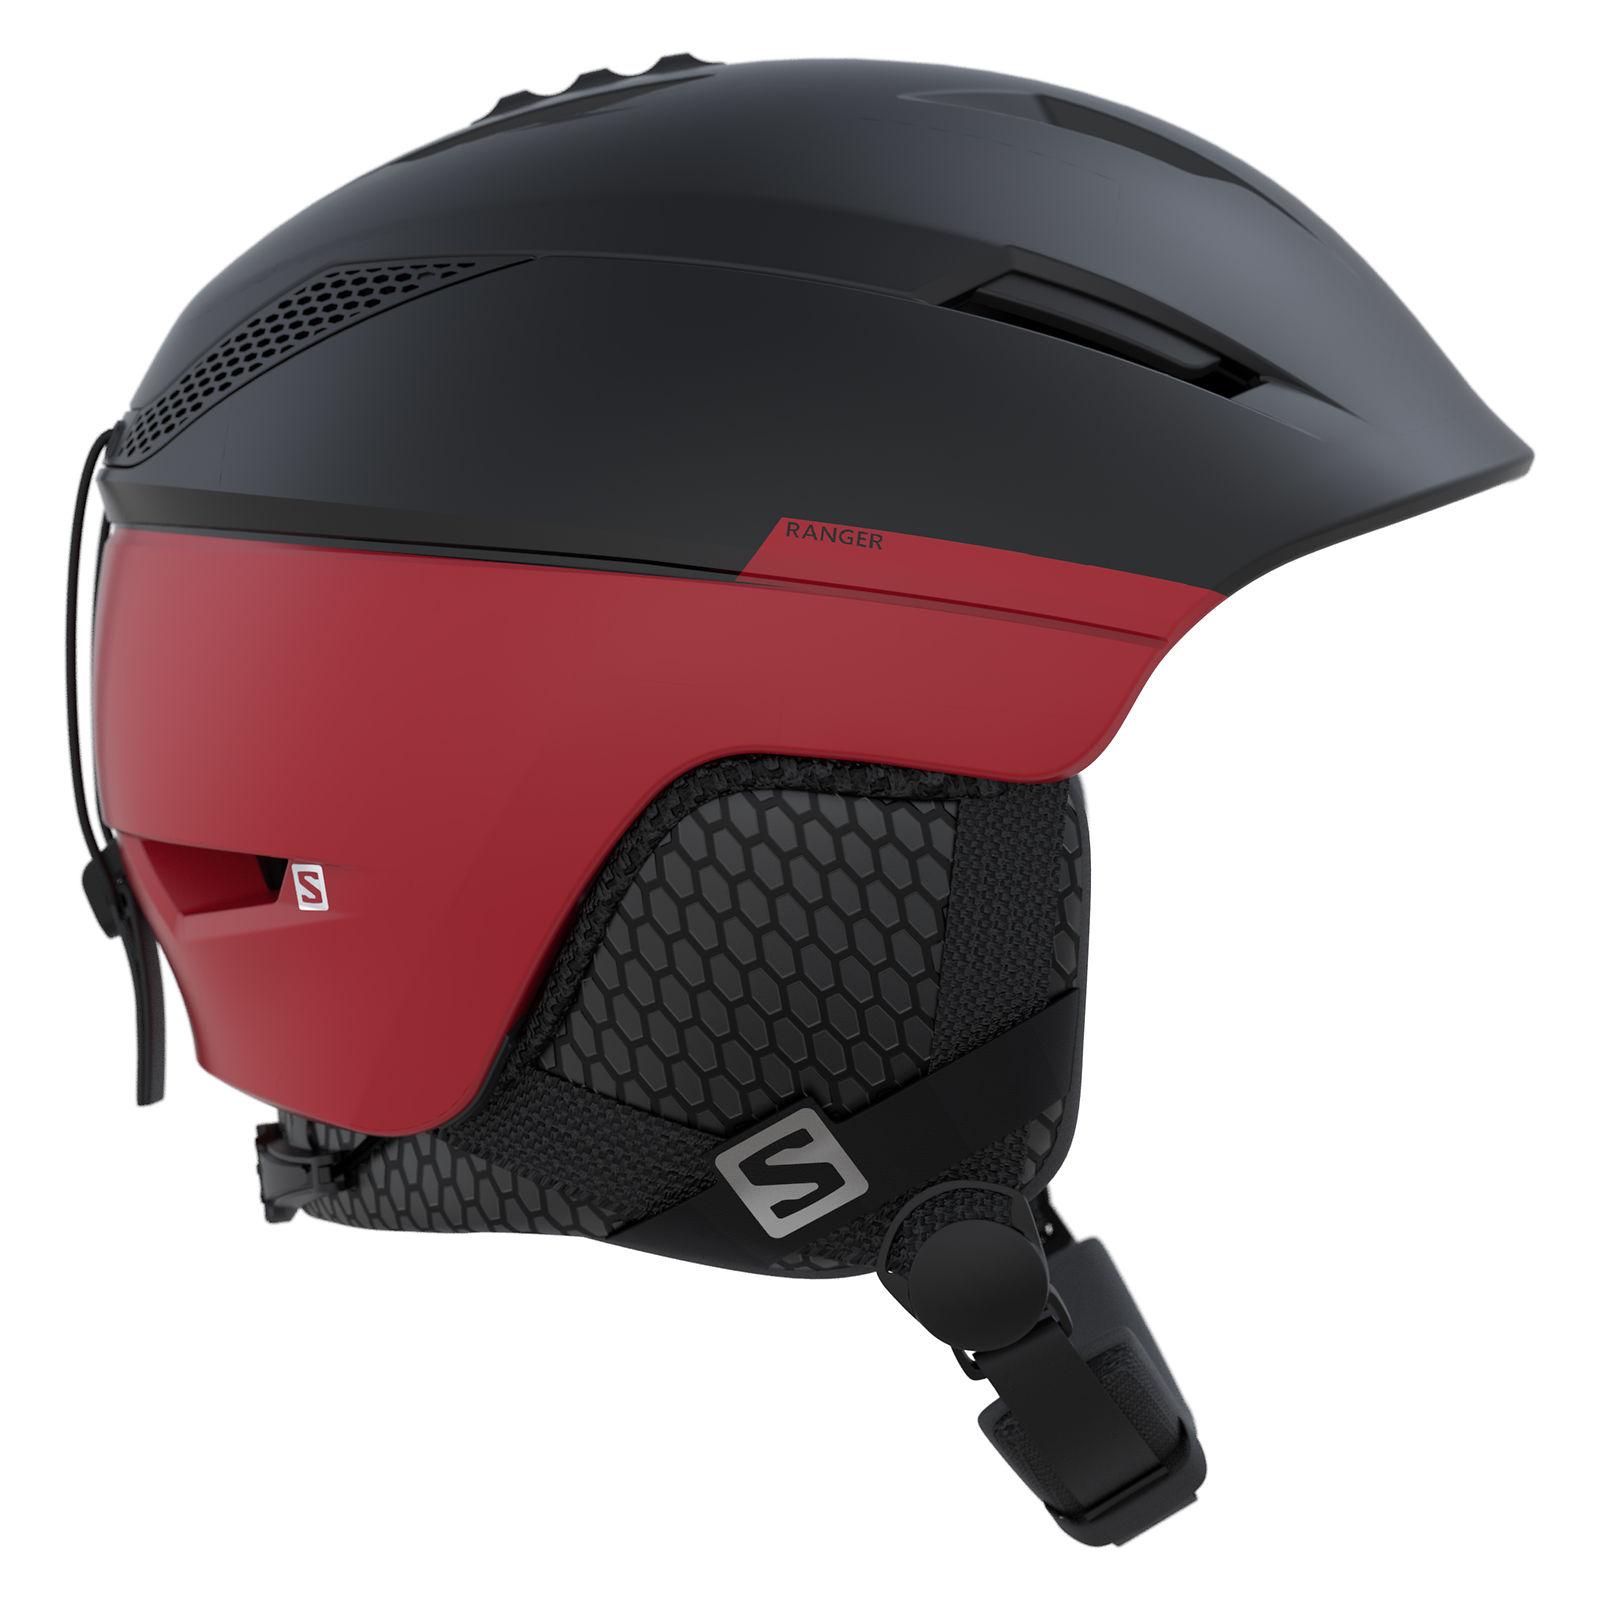 Kask Salomon Ranger 2 399130